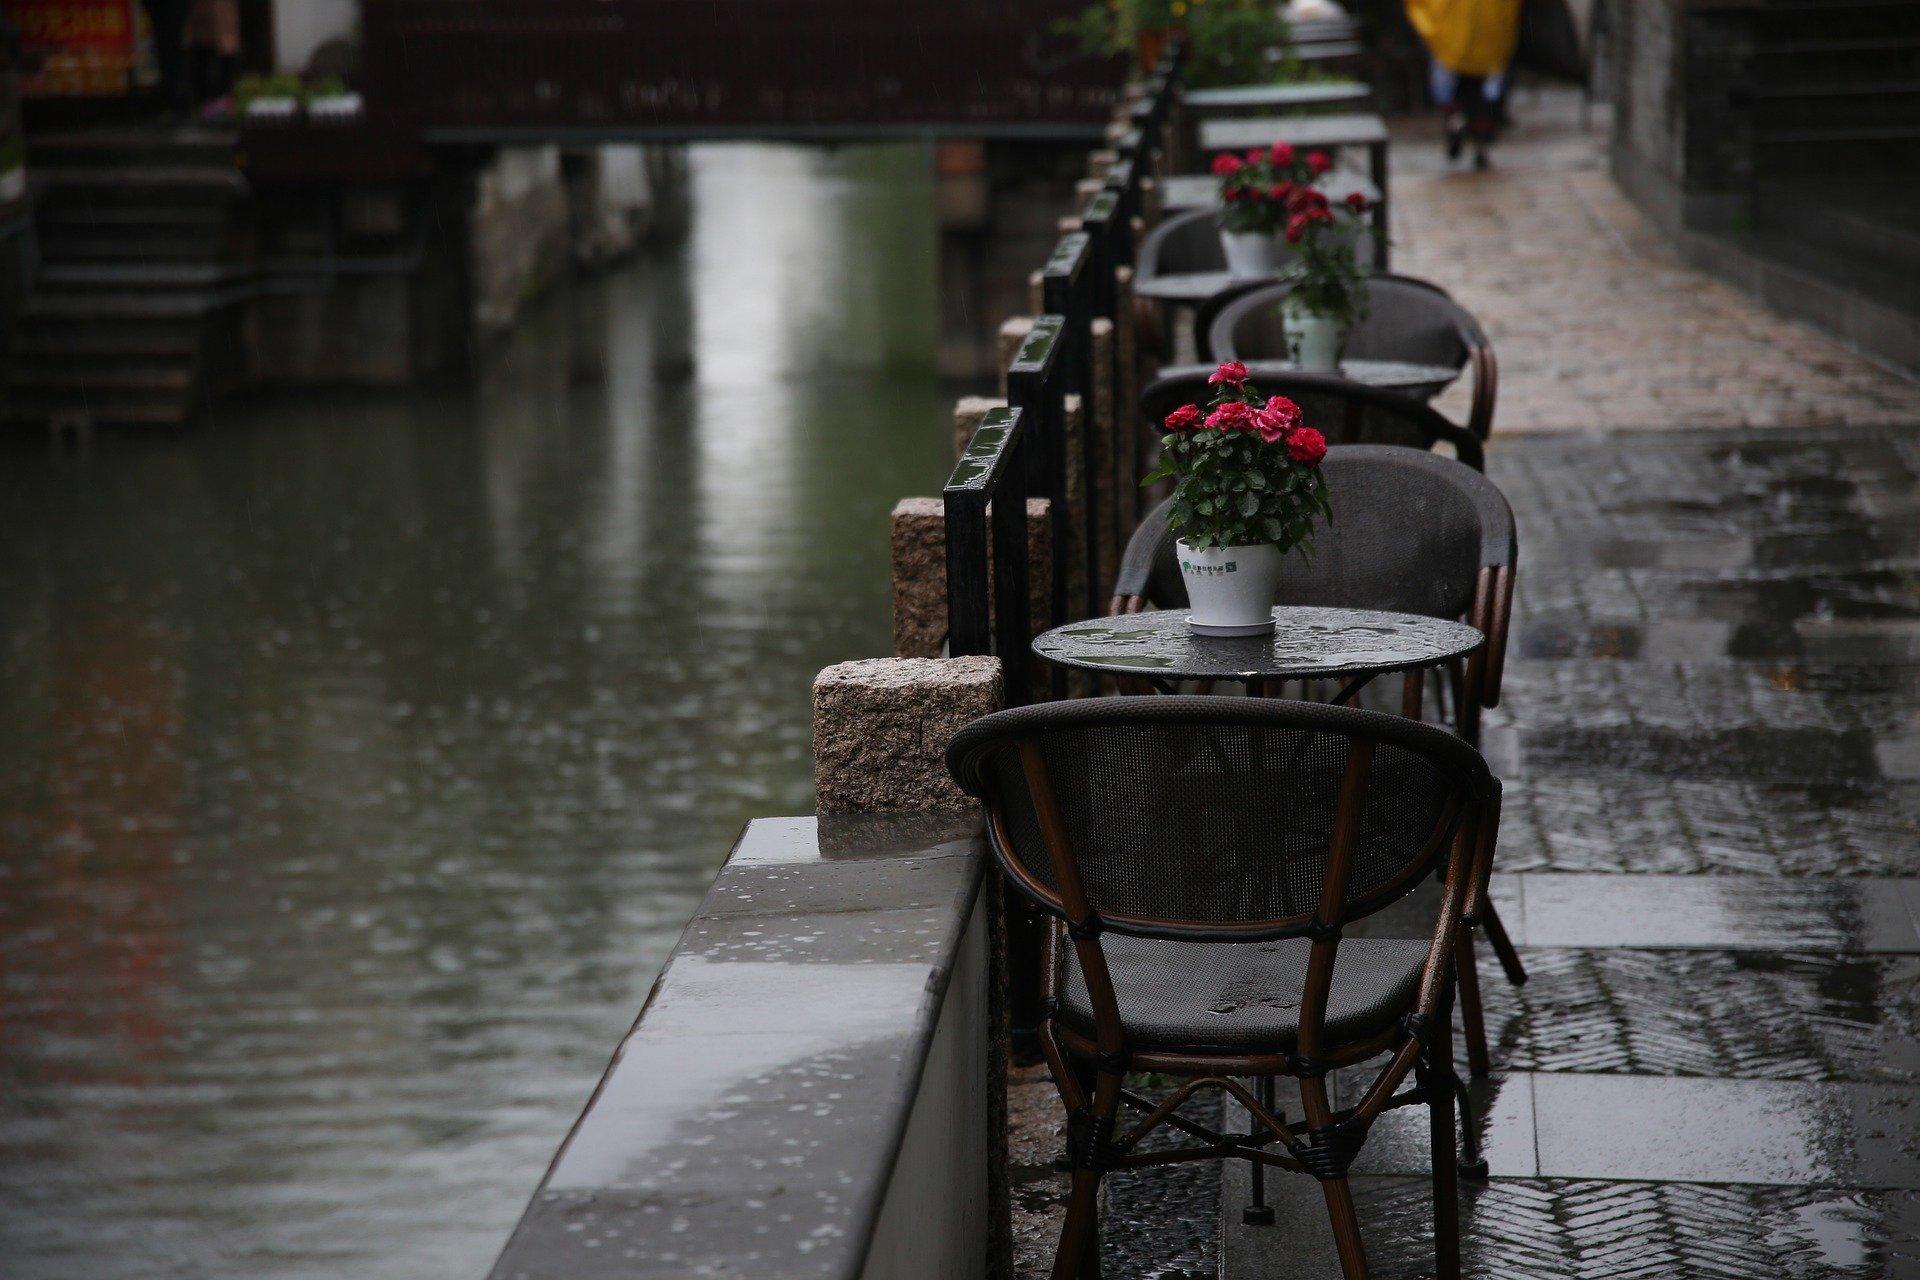 tavolini di un bar all'aperto lungo la strada, sotto la pioggia, con sopra un vaso di fiori rossi